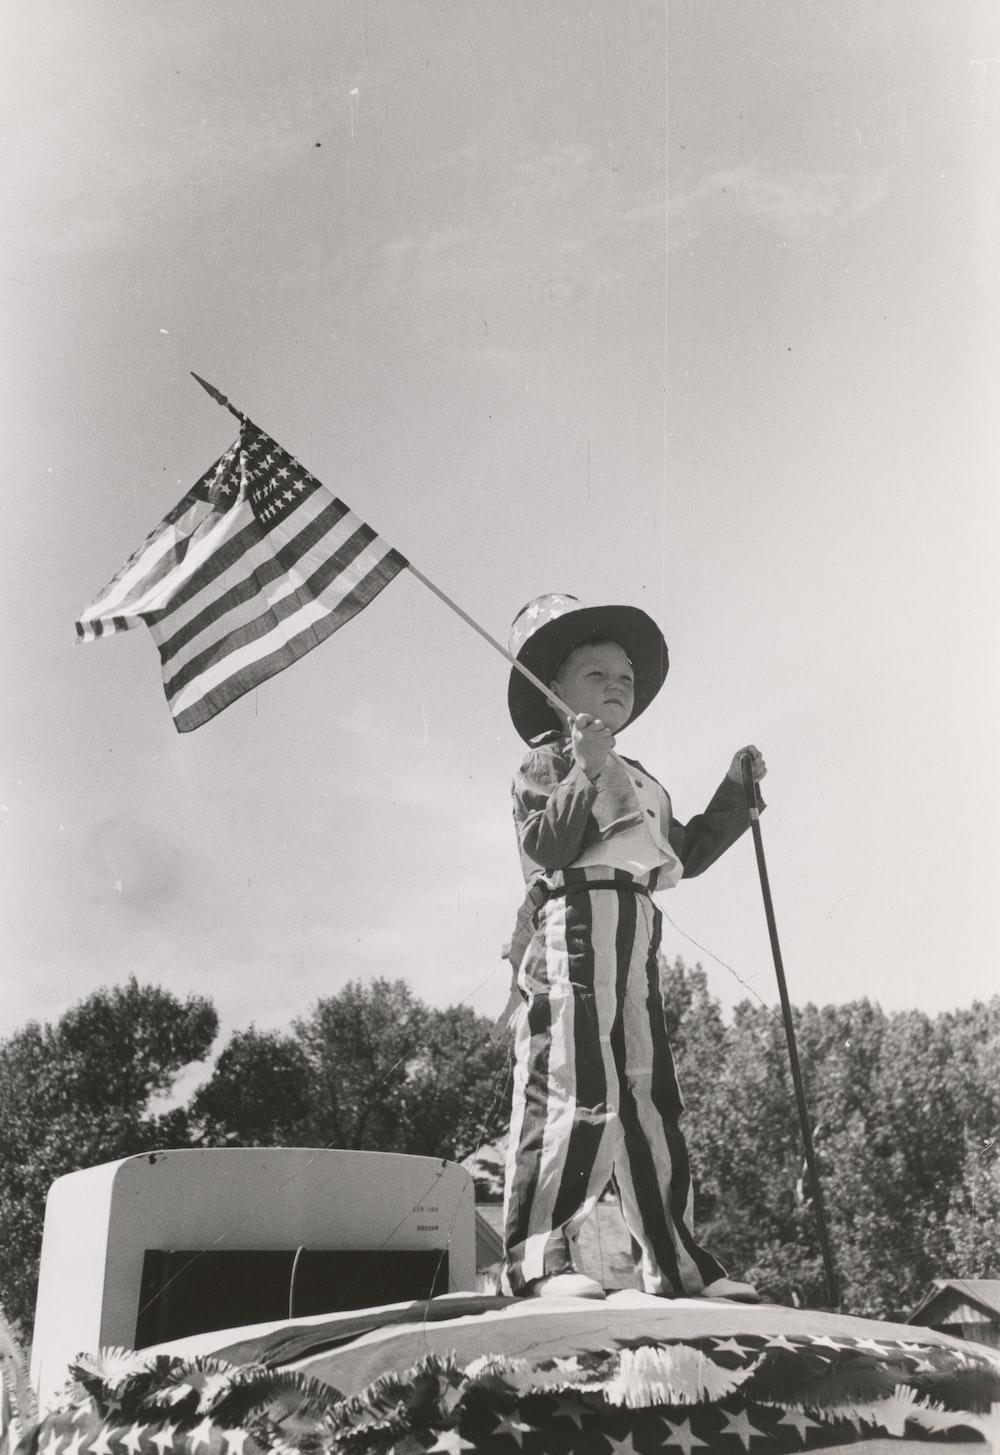 boy holding US flag